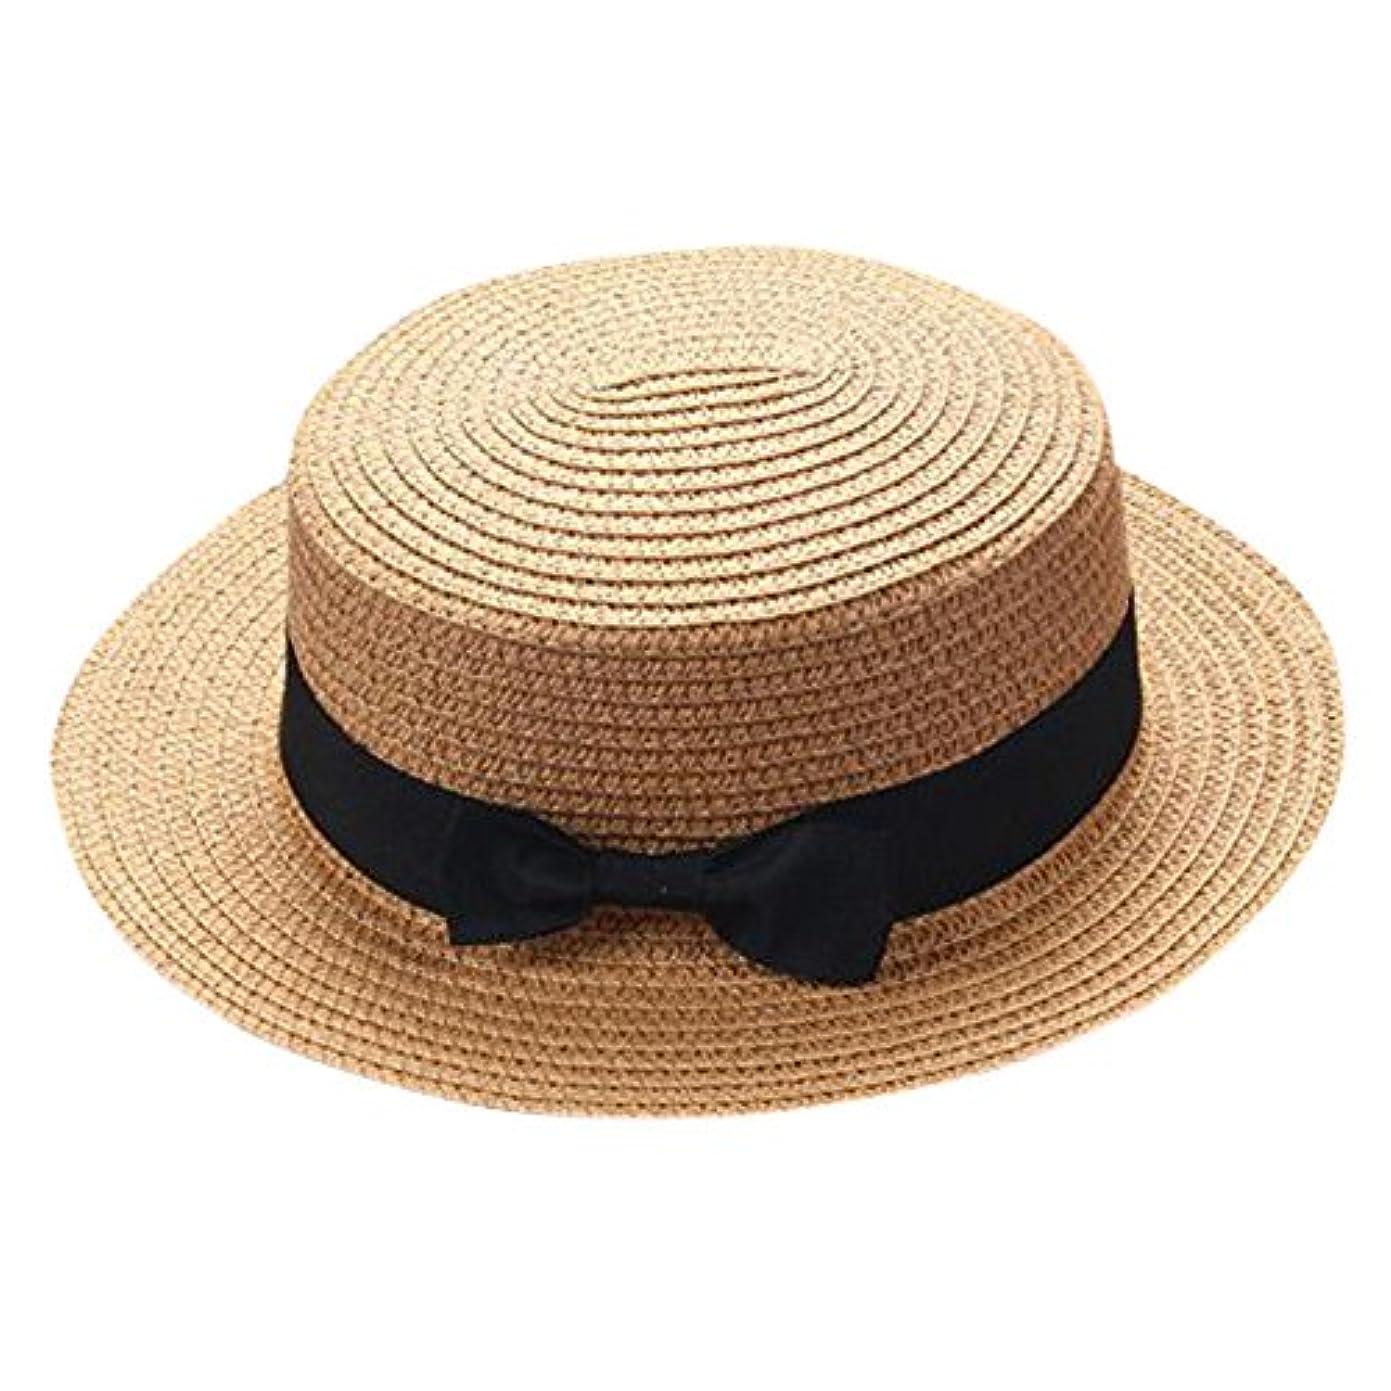 中世の胆嚢心理的にキャップ キッズ 日よけ 帽子 小顔効果抜群 旅行用 日よけ 夏 ビーチ 海辺 かわいい リゾート 紫外線対策 男女兼用 日焼け防止 熱中症予防 取り外すあご紐 つば広 おしゃれ 可愛い 夏 ROSE ROMAN